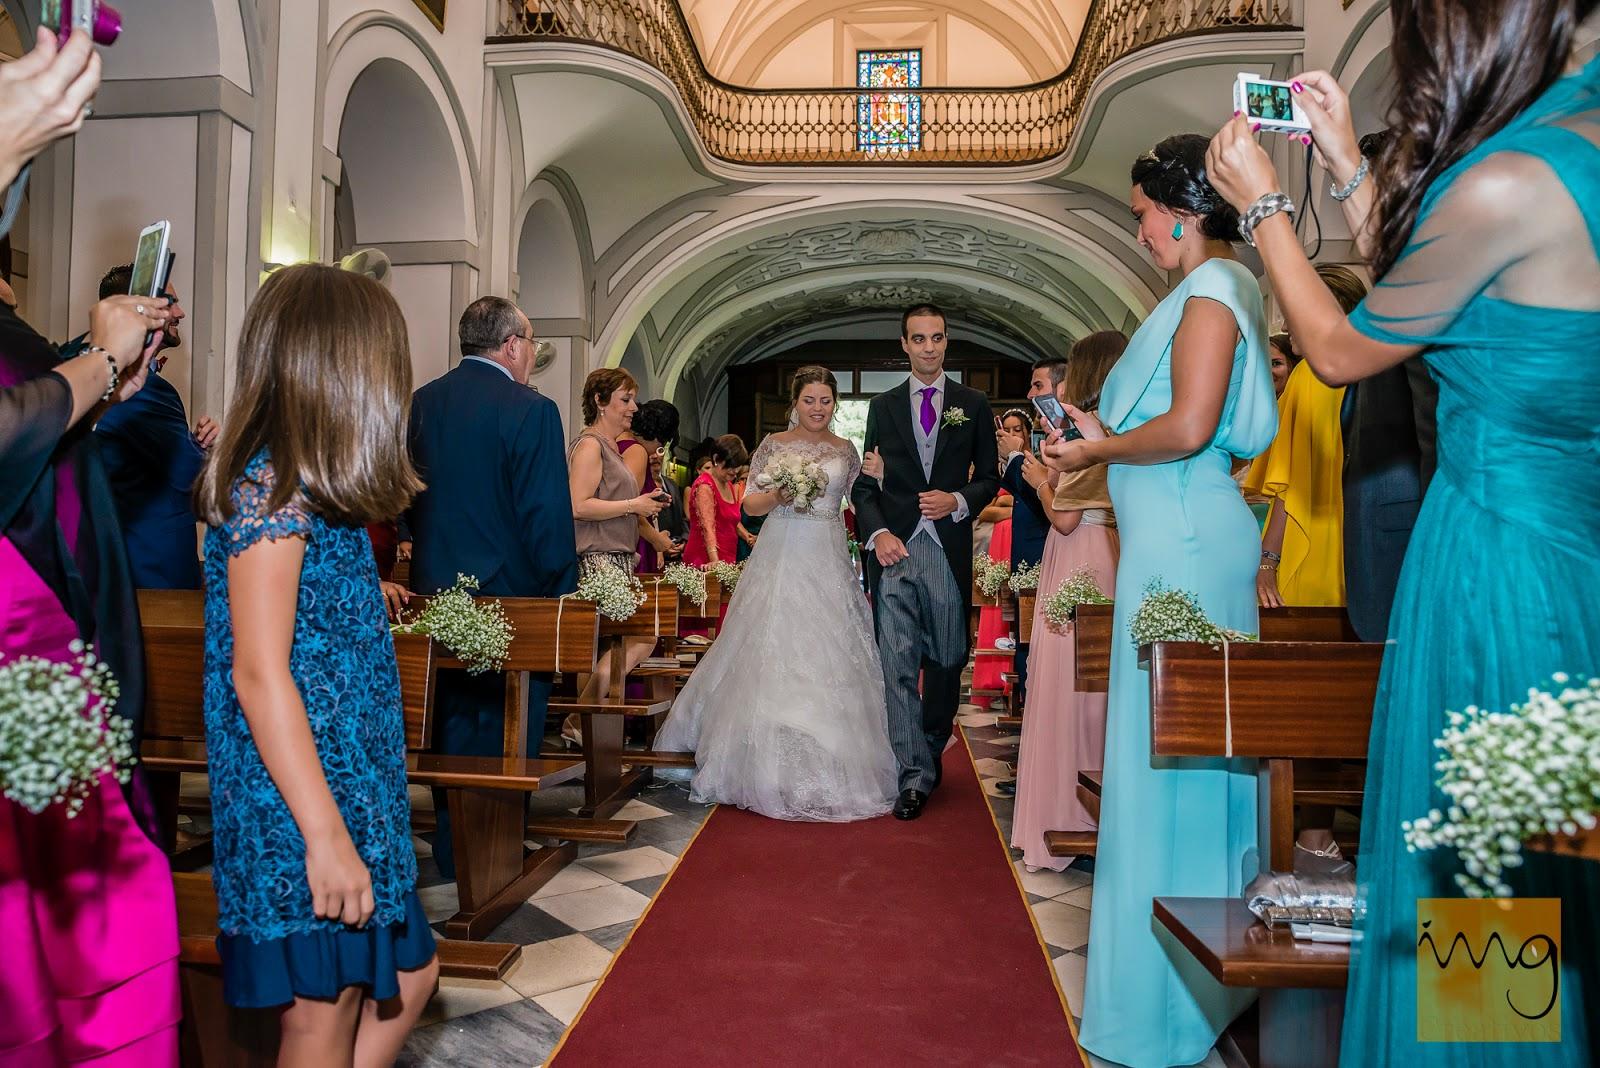 Fotografía de boda, llegando al altar